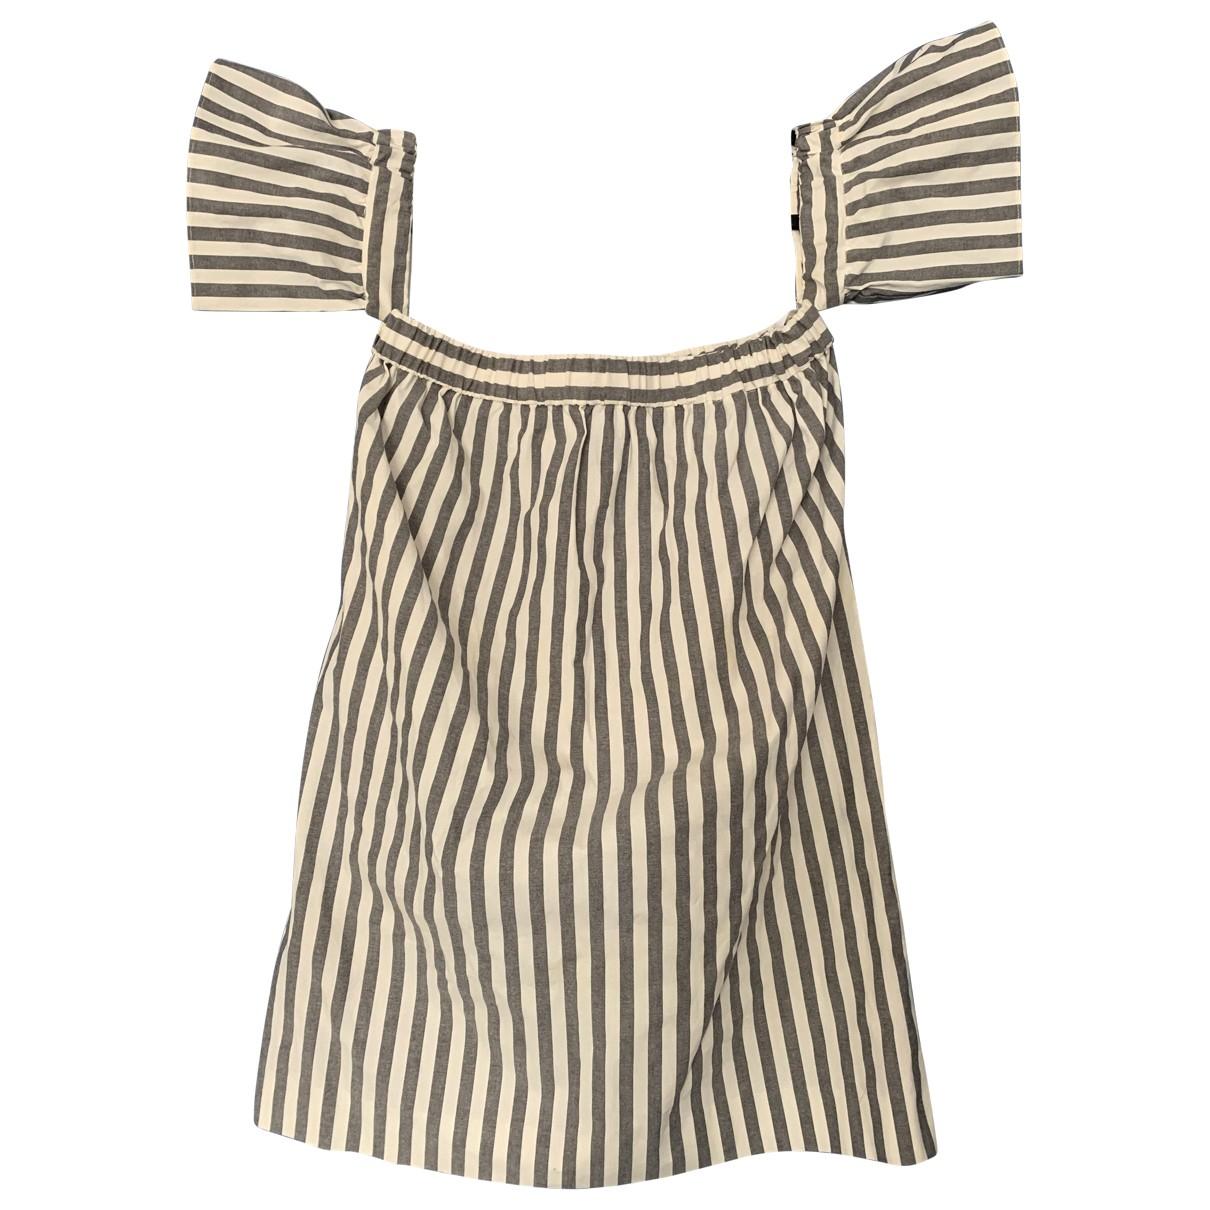 Milly \N Kleid in  Grau Baumwolle